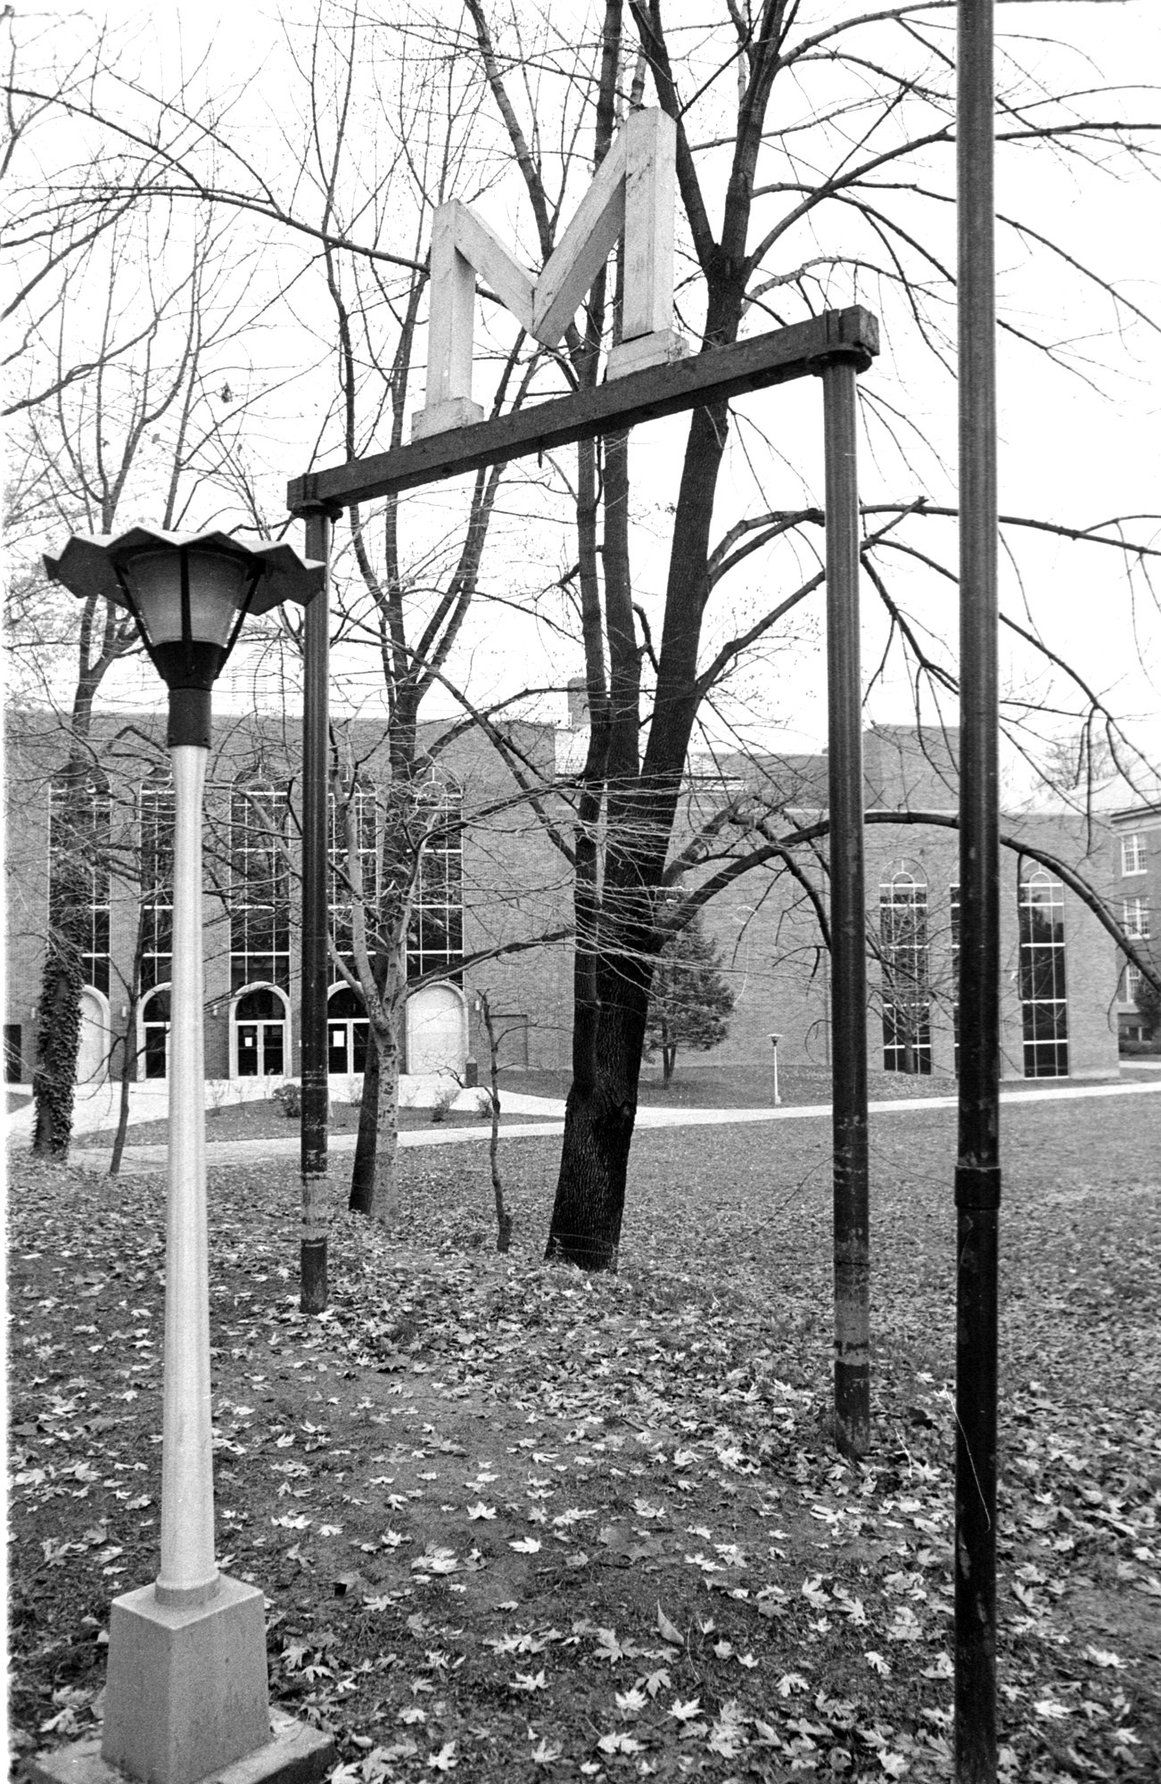 MUC campusscenes 02.jpg